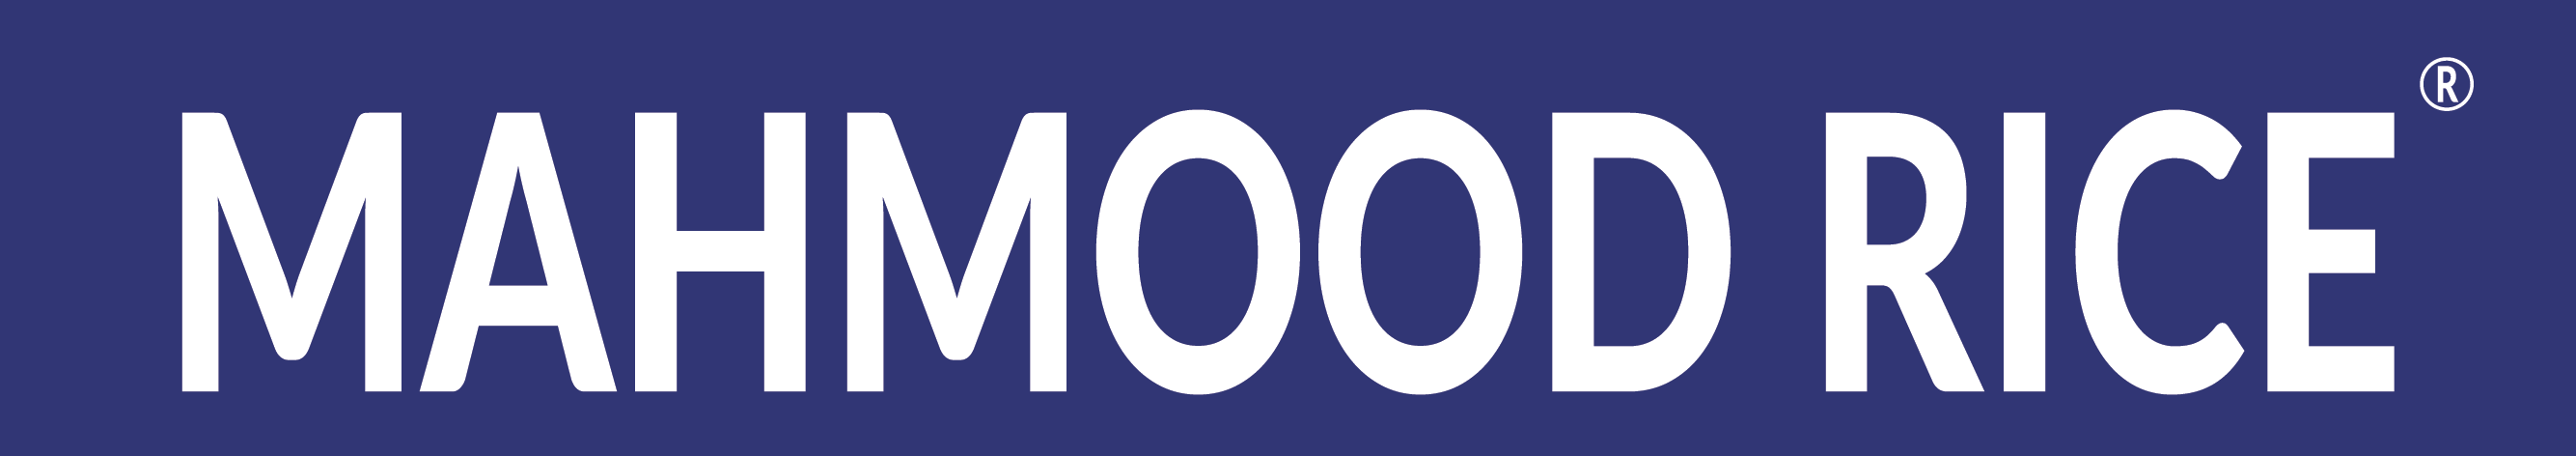 logos-28